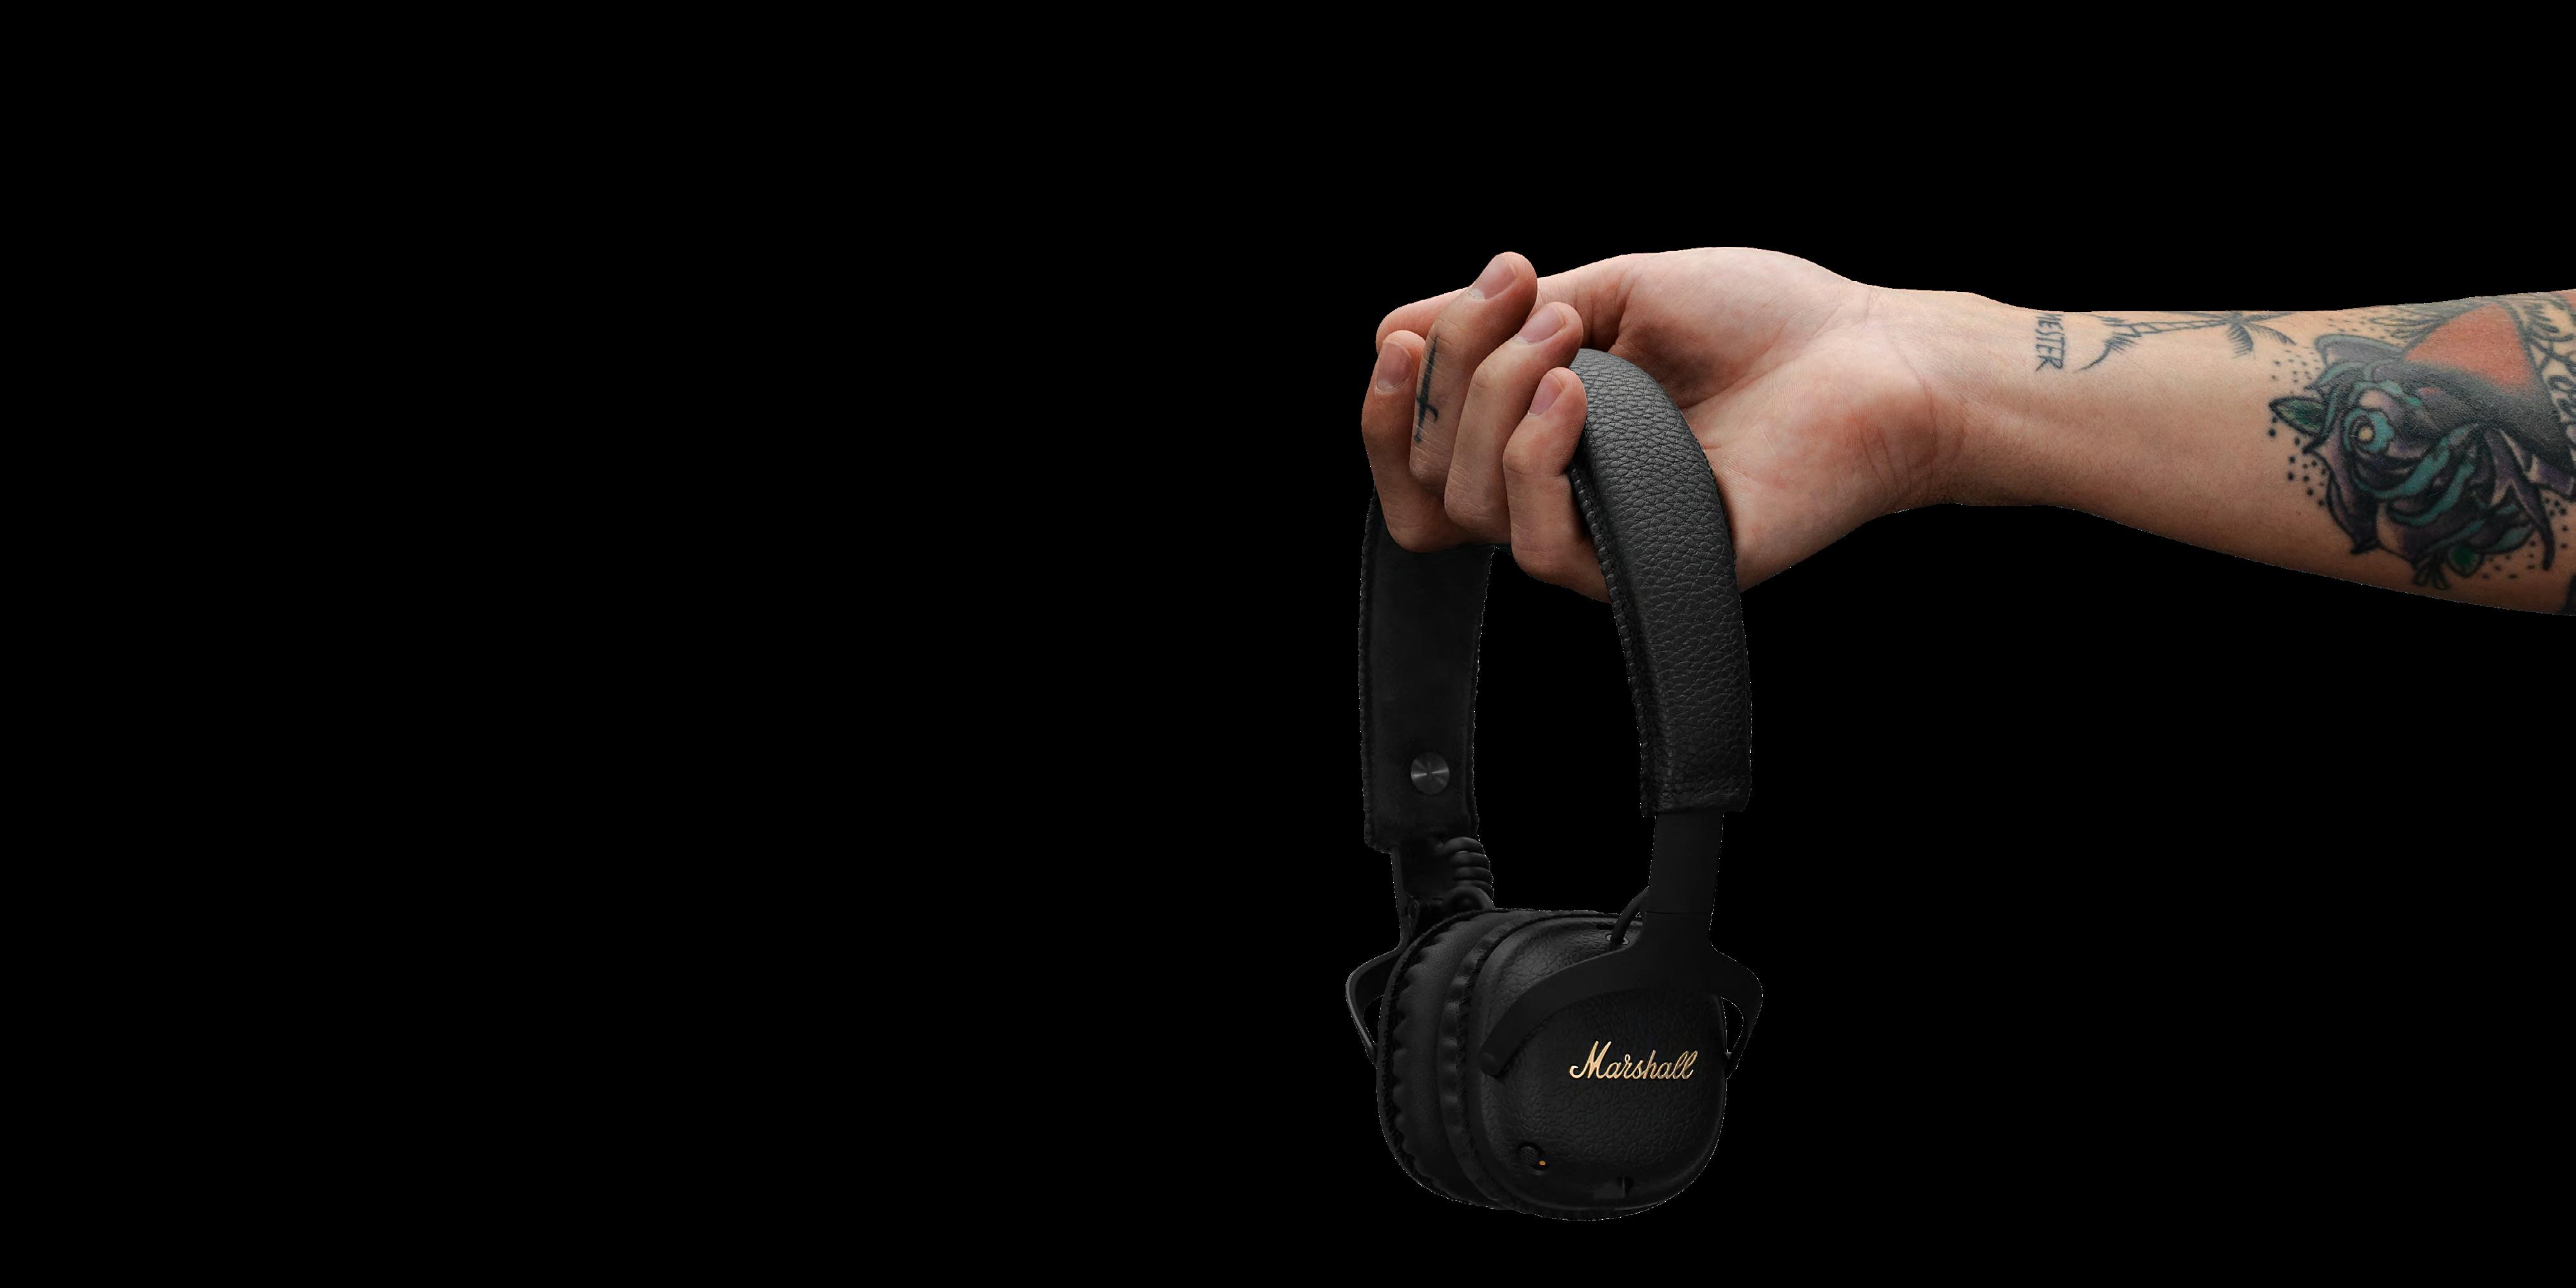 MID A.N.C Trådlösa Bluetooth-hörlurar med aktiv brusreducering